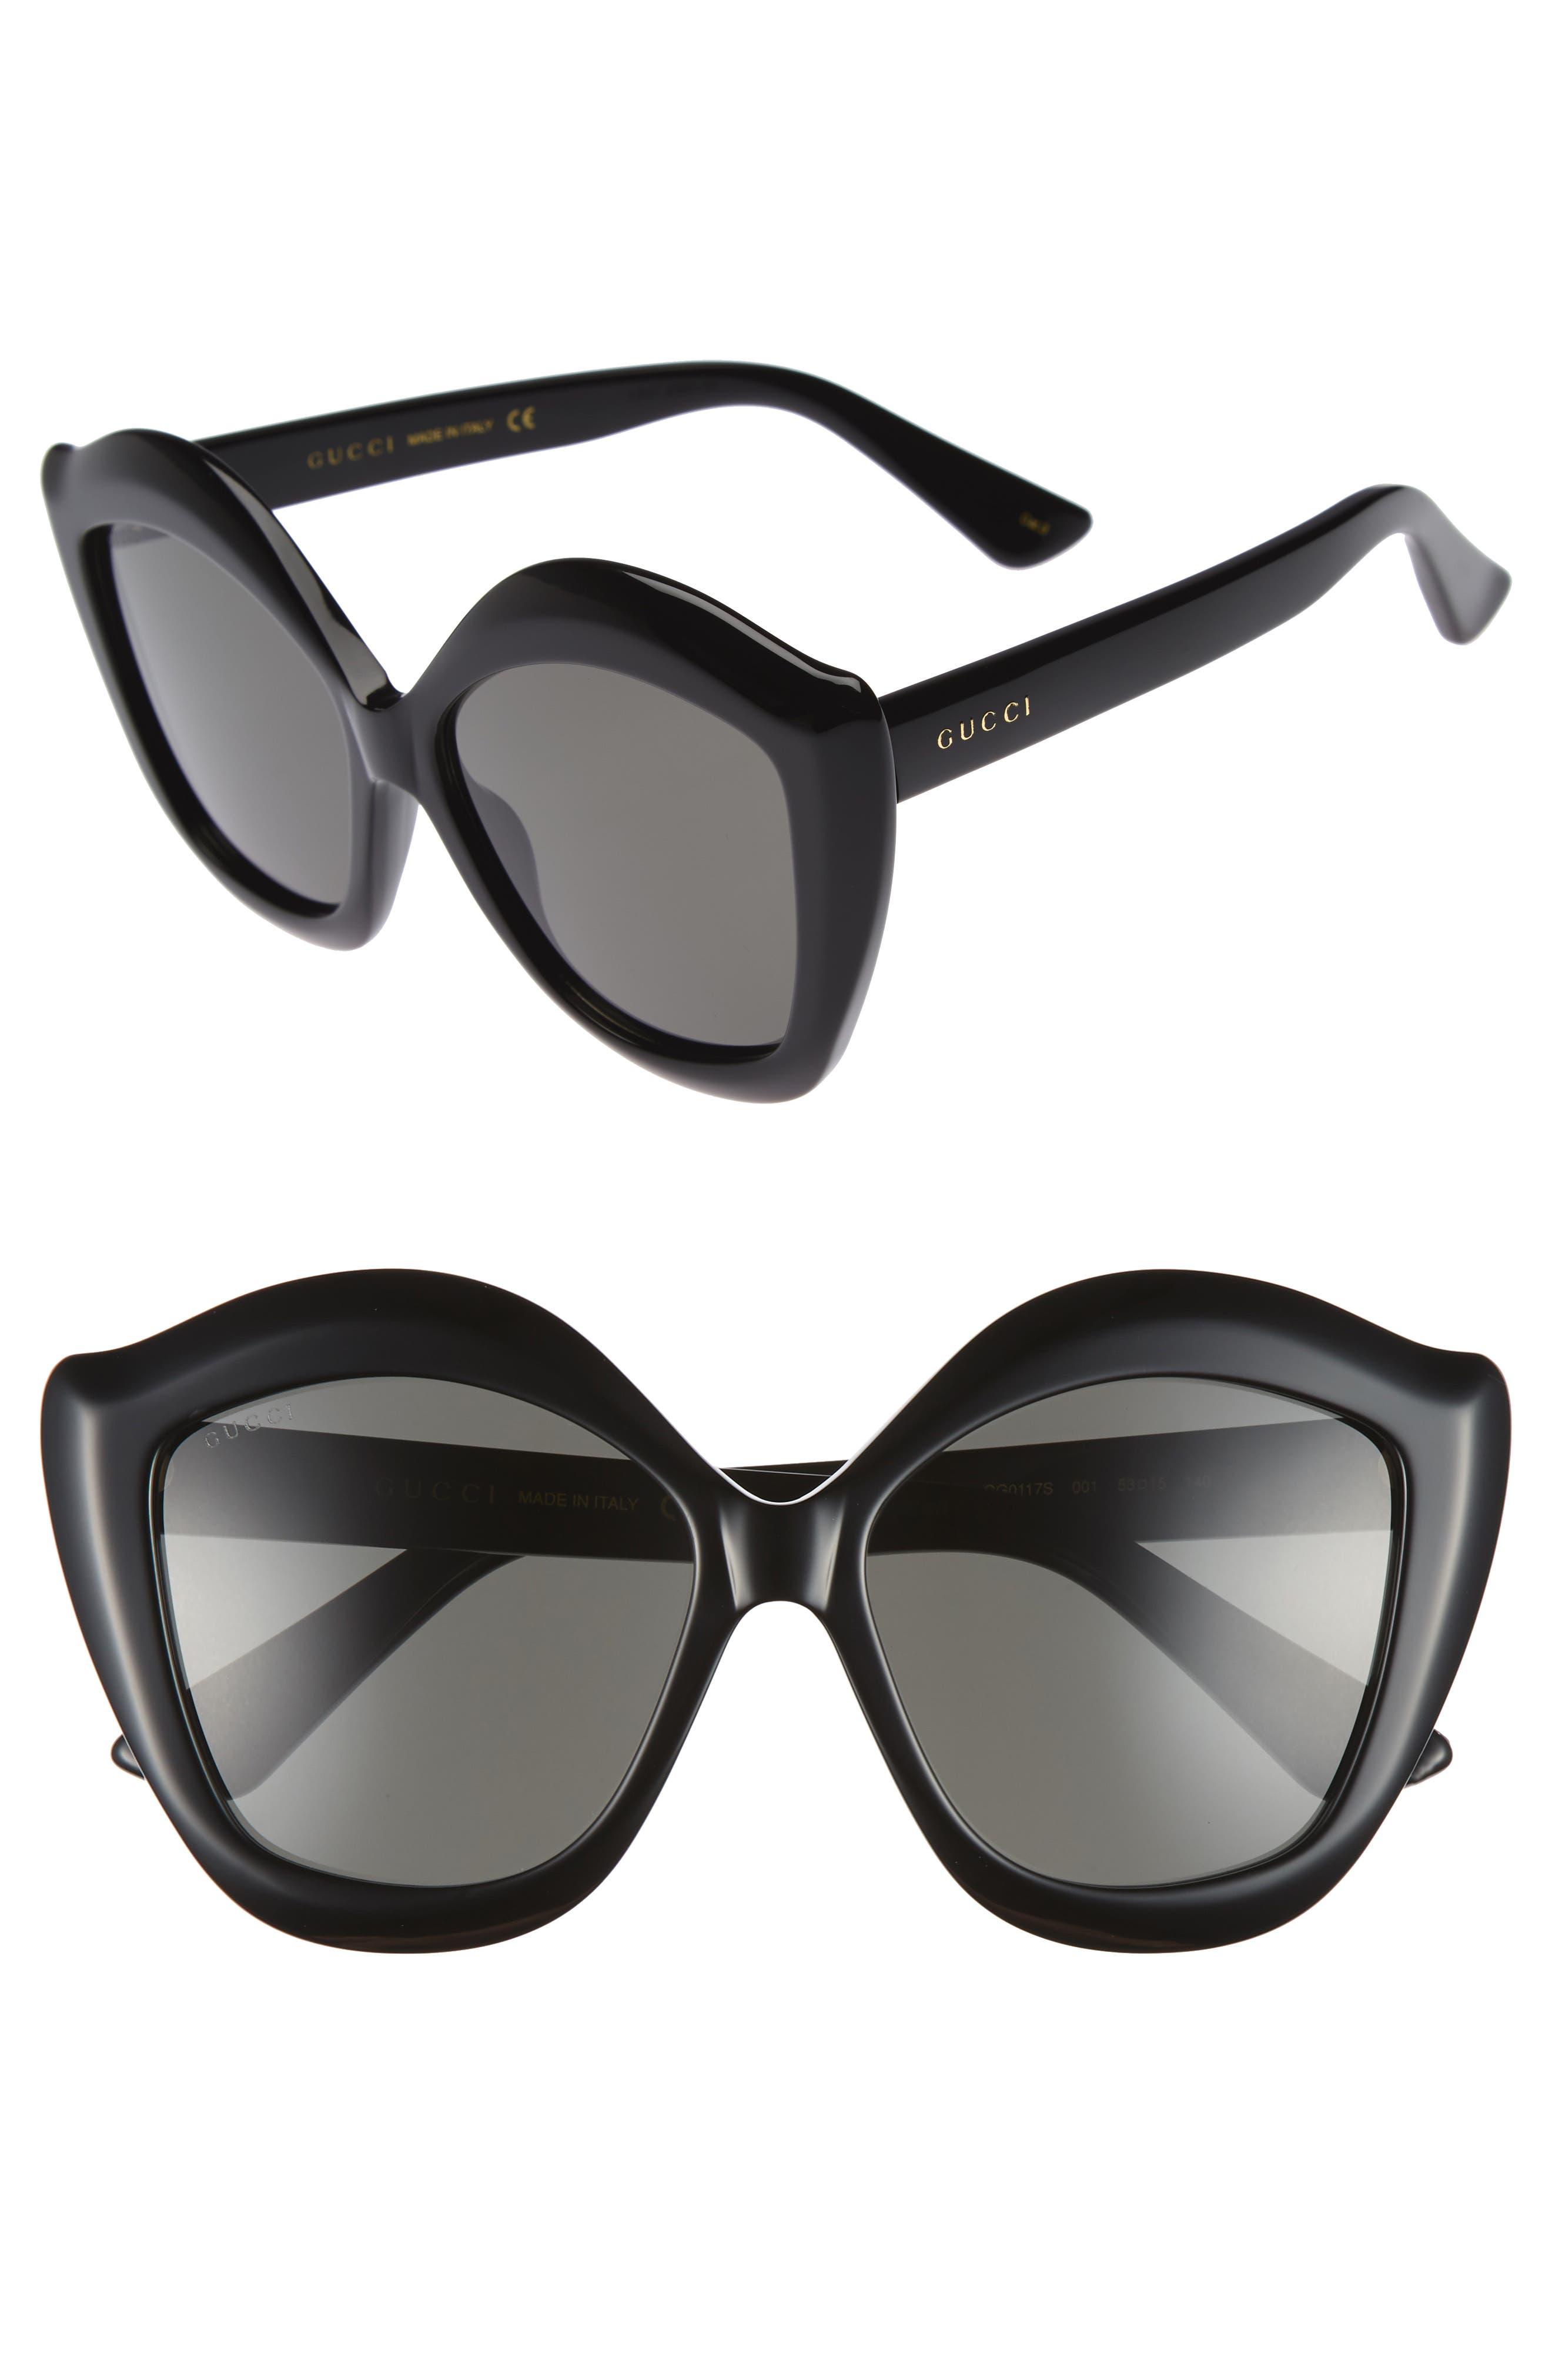 GUCCI 53mm Cat Eye Sunglasses